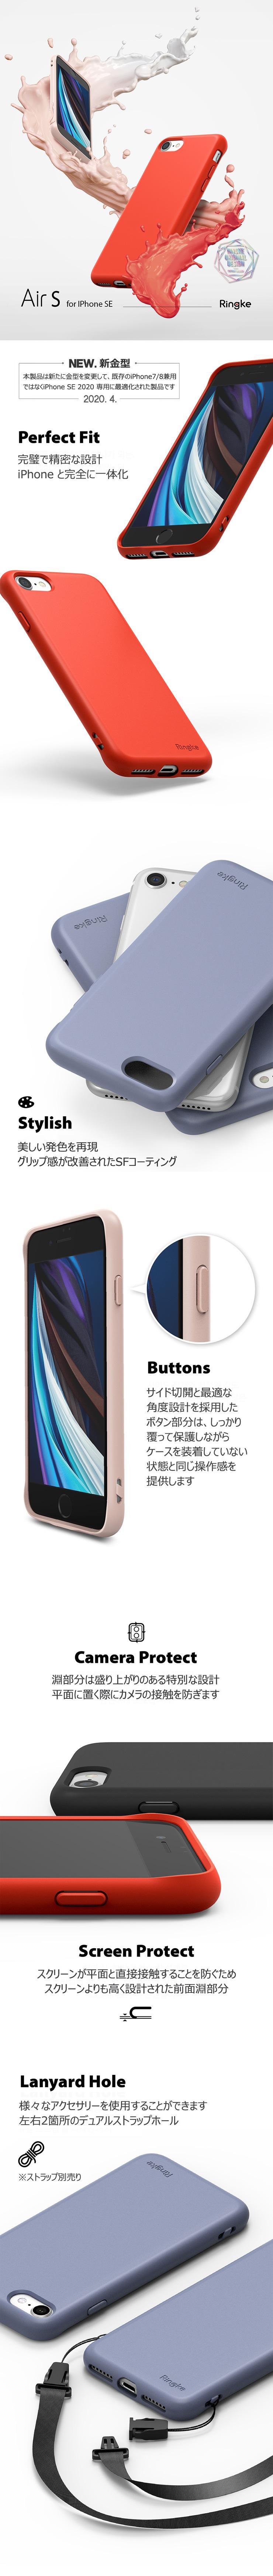 Ringke Air iPhone SE2